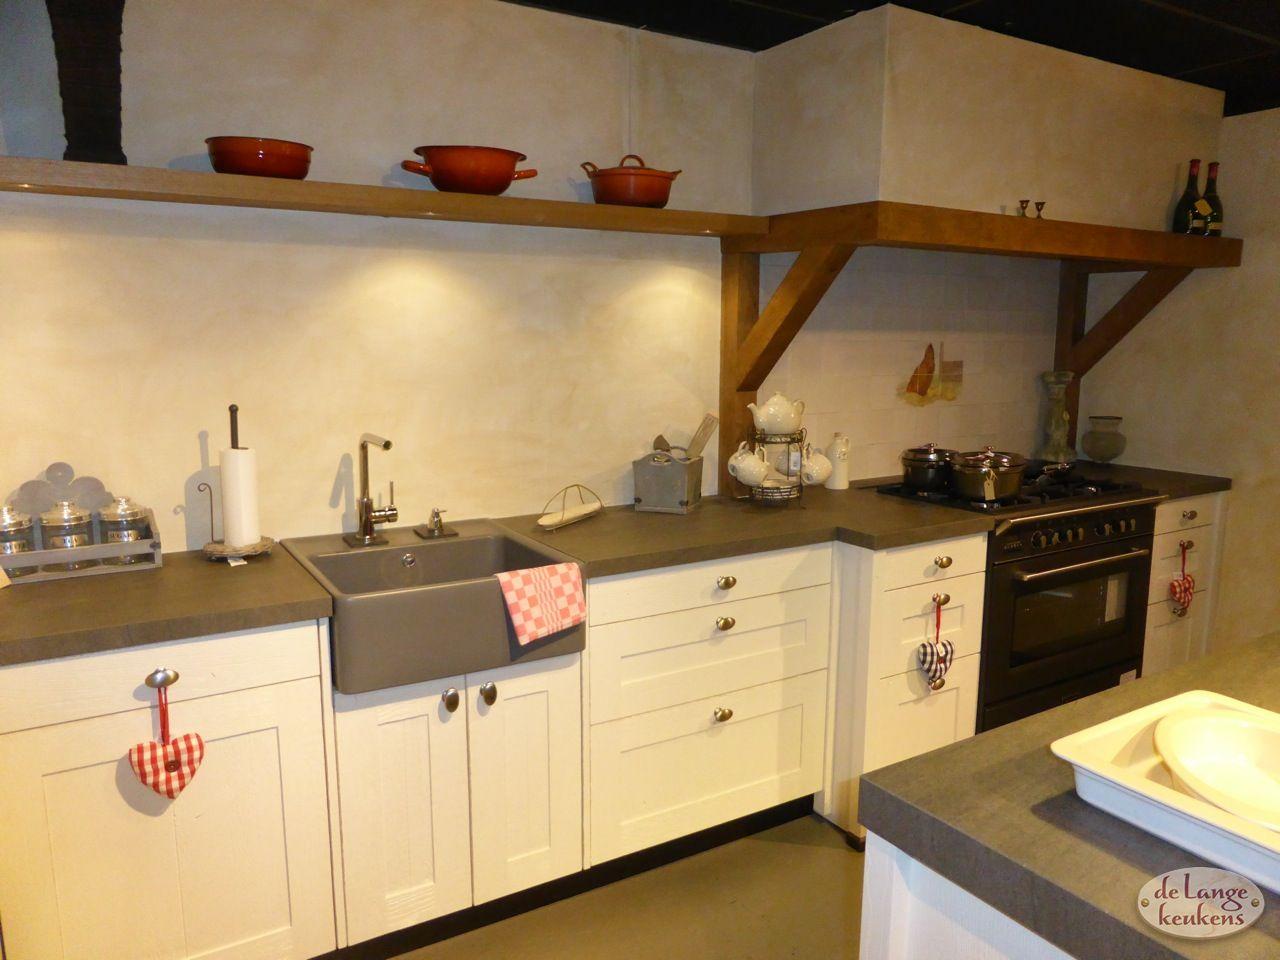 Populair Keuken inspiratie: landelijk met kookeiland - De Lange Keukens @WT67